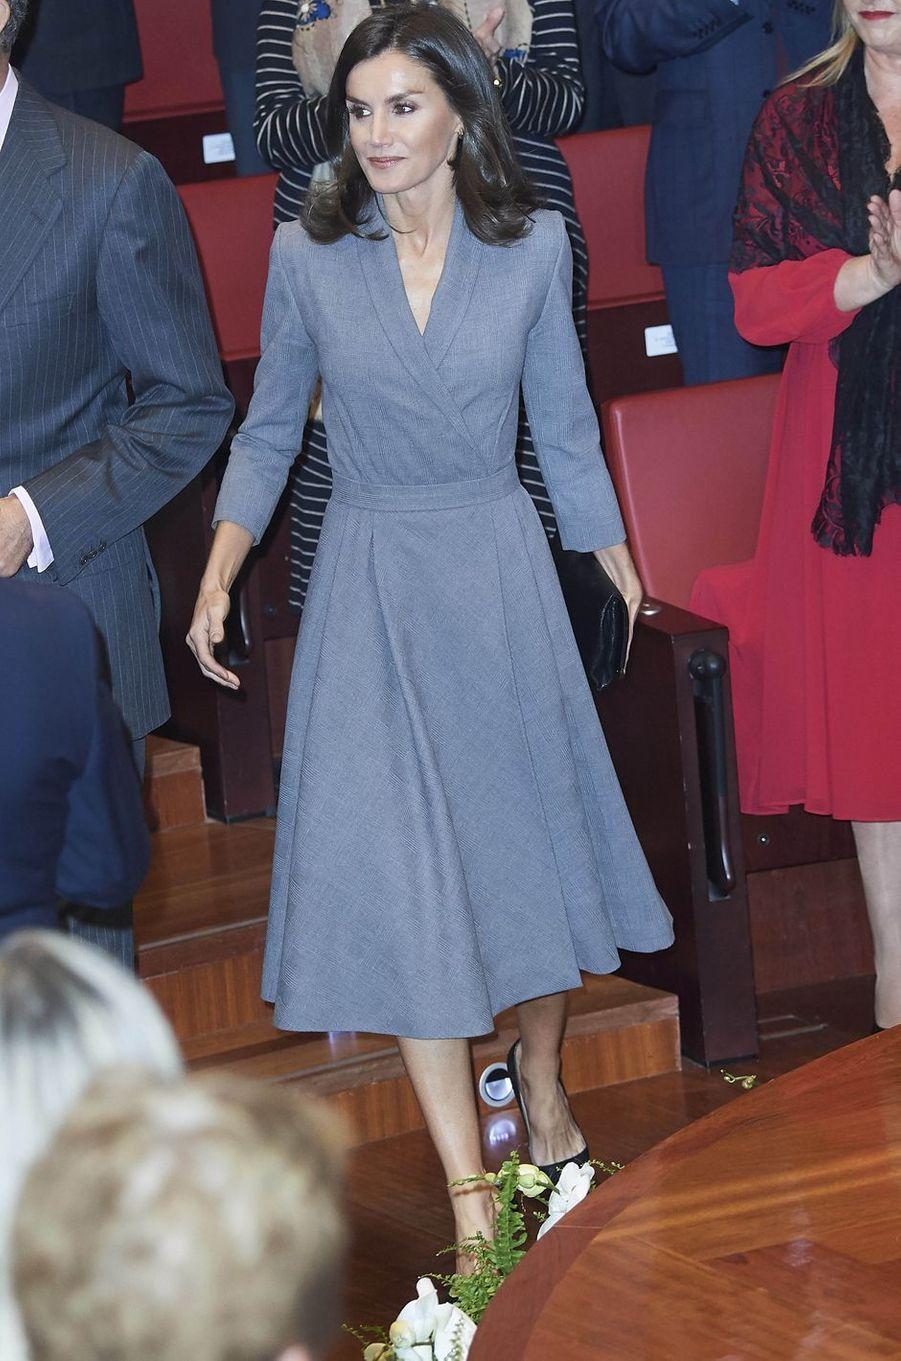 La reine Letizia d'Espagne à Madrid, le 26 novembre 2019